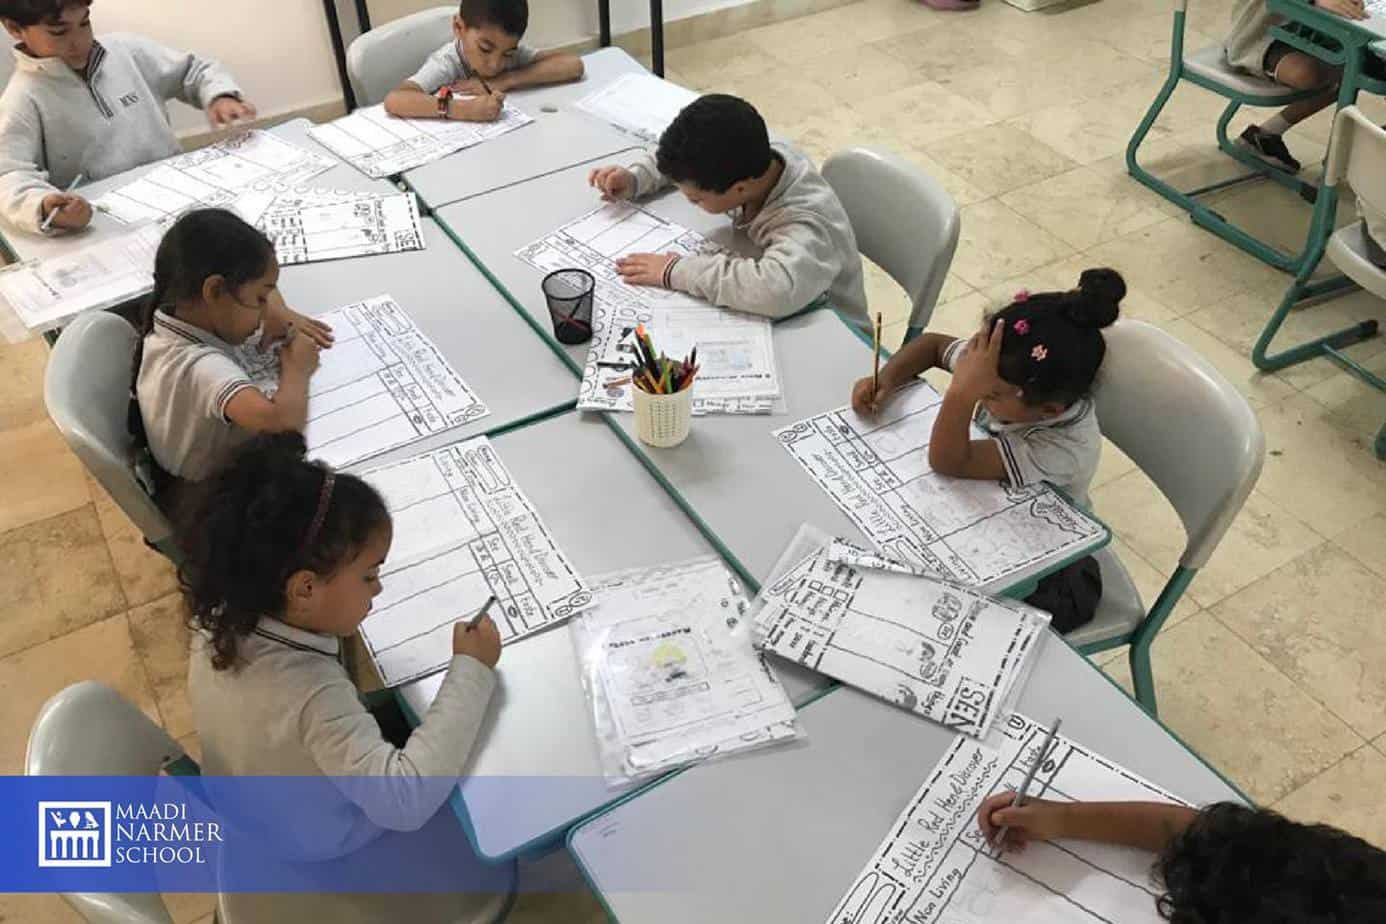 مدرسة نارمر المعادي - Maadi Narmer School